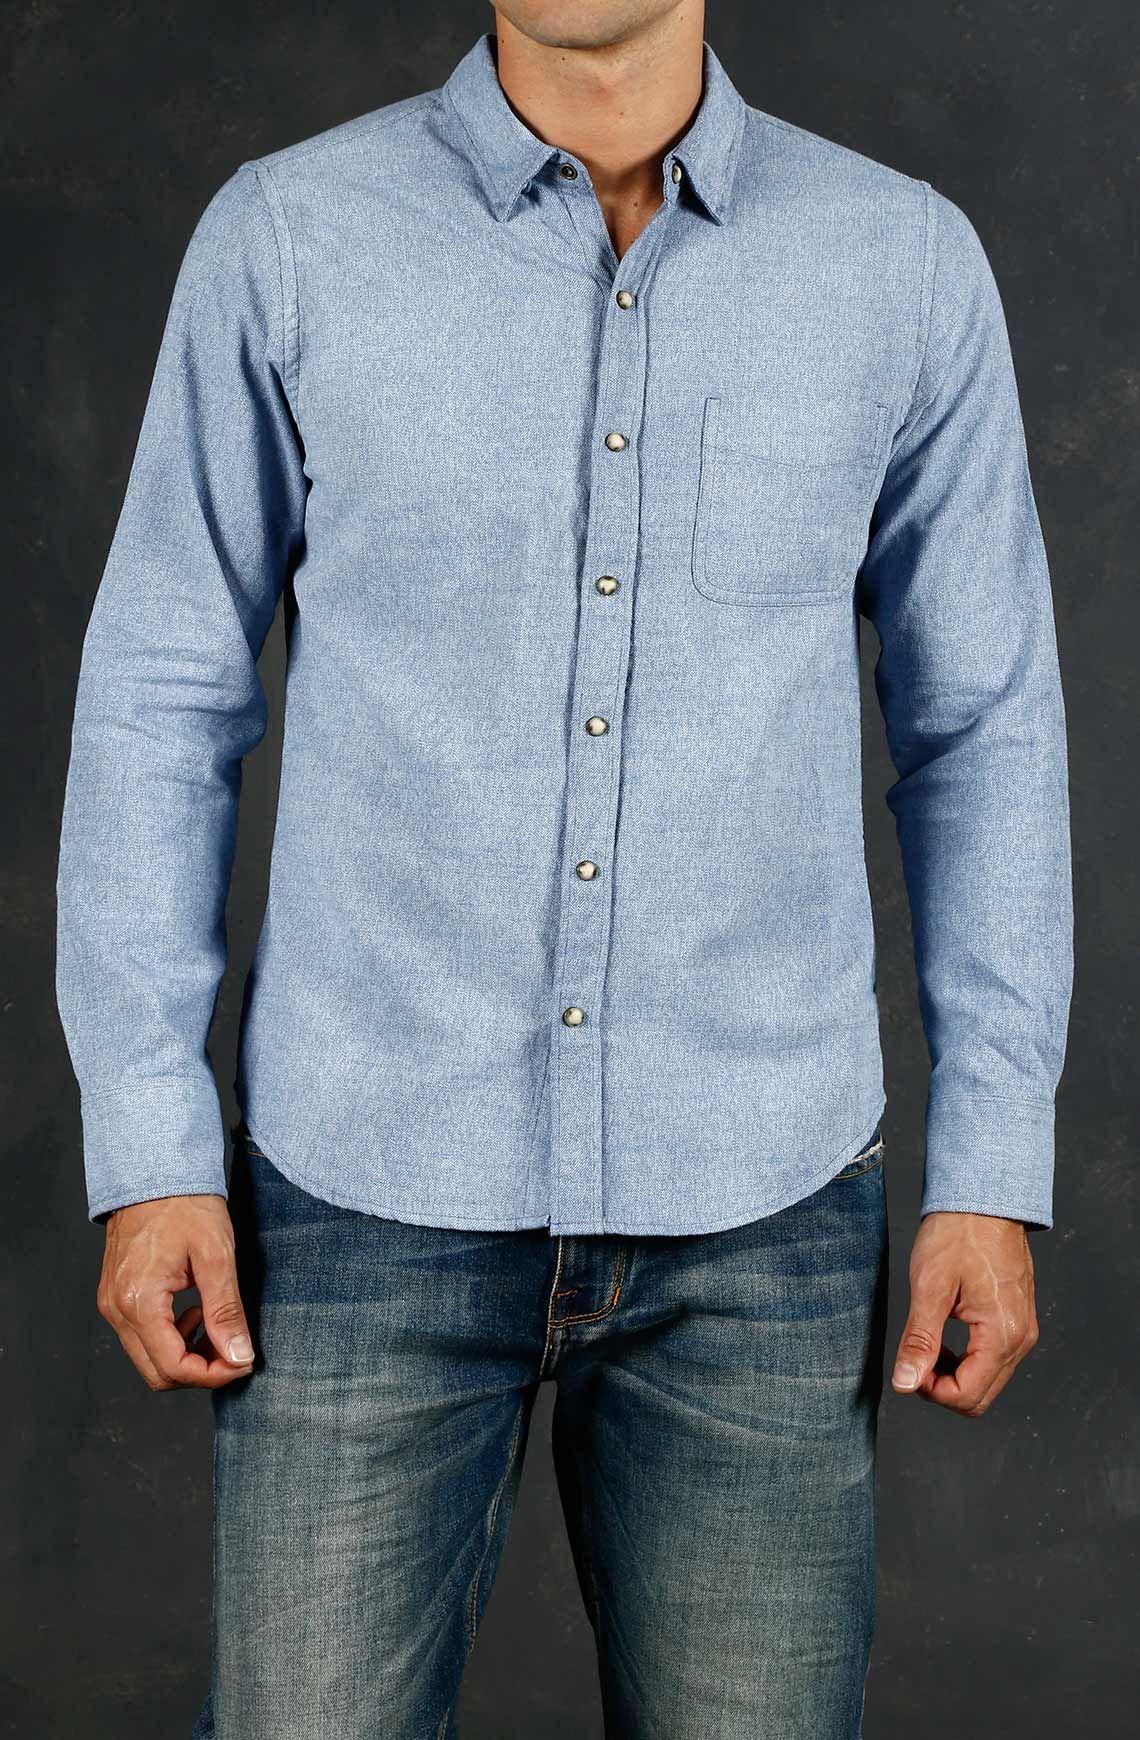 5d87340b85 Camisa Masculina Manga Larga Color Azul Con Broches Y Bolsillo. Compra en  la tienda On Line tennis.com.co - tennis